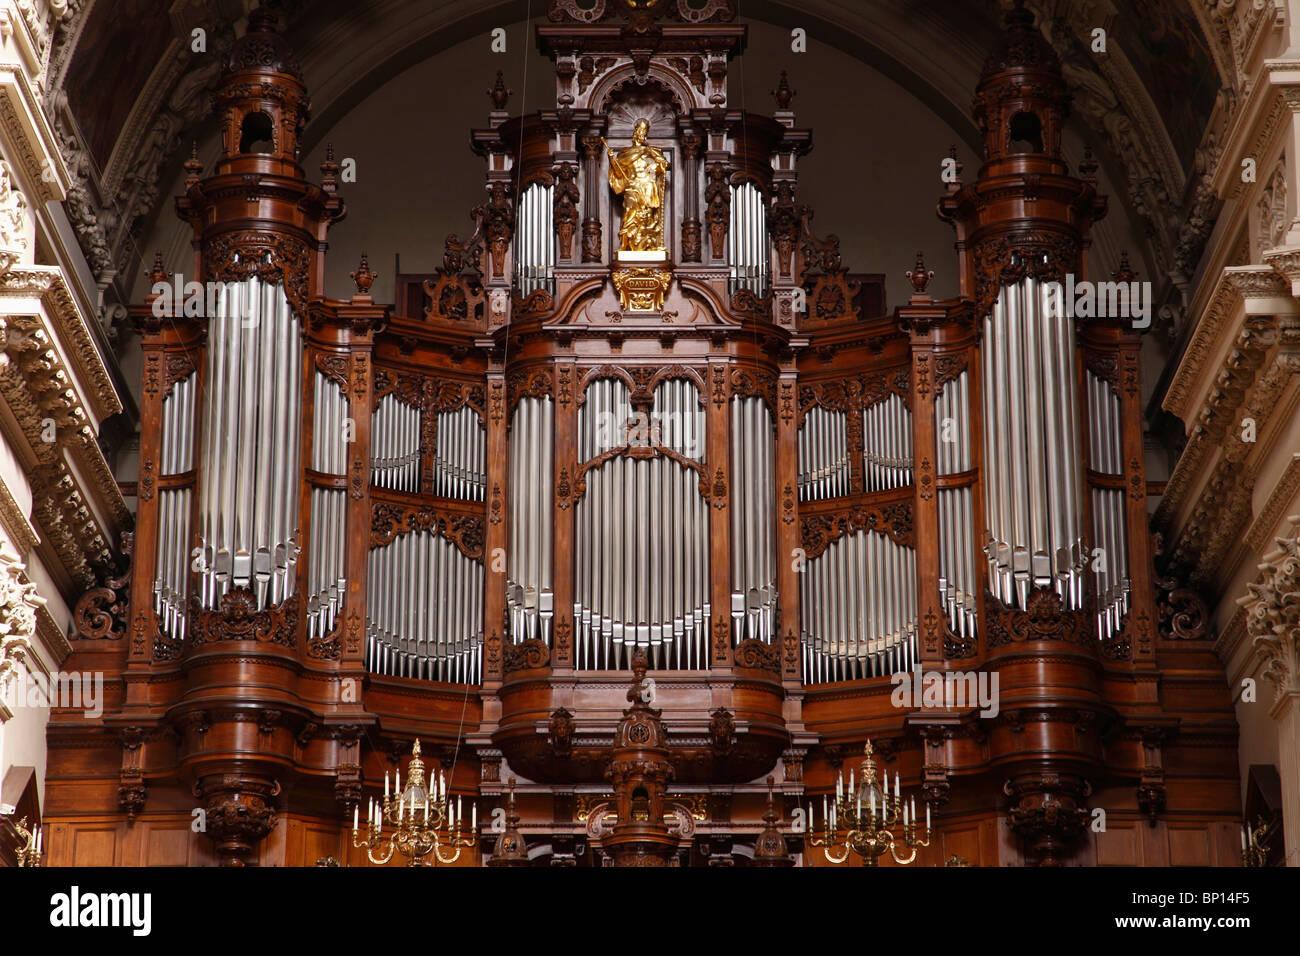 Alemania, Berlín, Dom, la Catedral, el interior, órgano Imagen De Stock